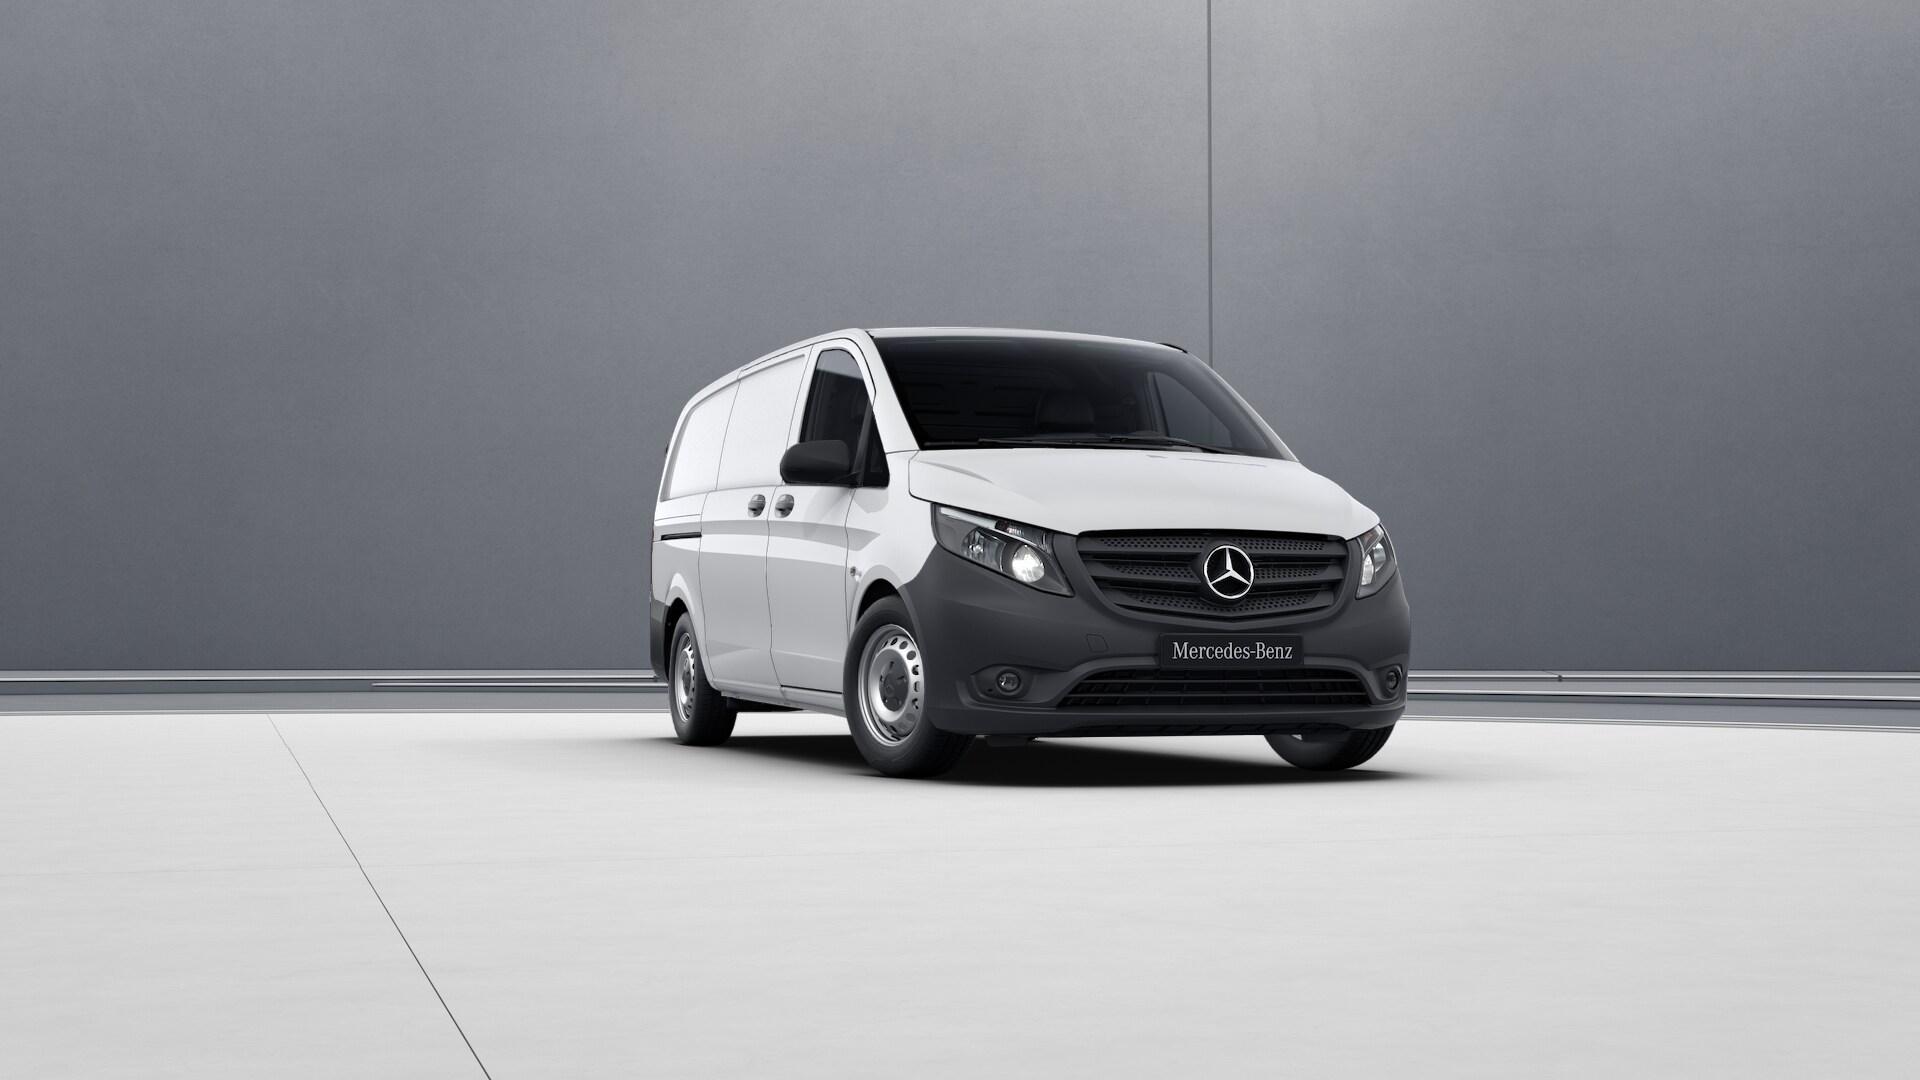 Mercedes-Benz Vito 109 CDI Long 5052600202